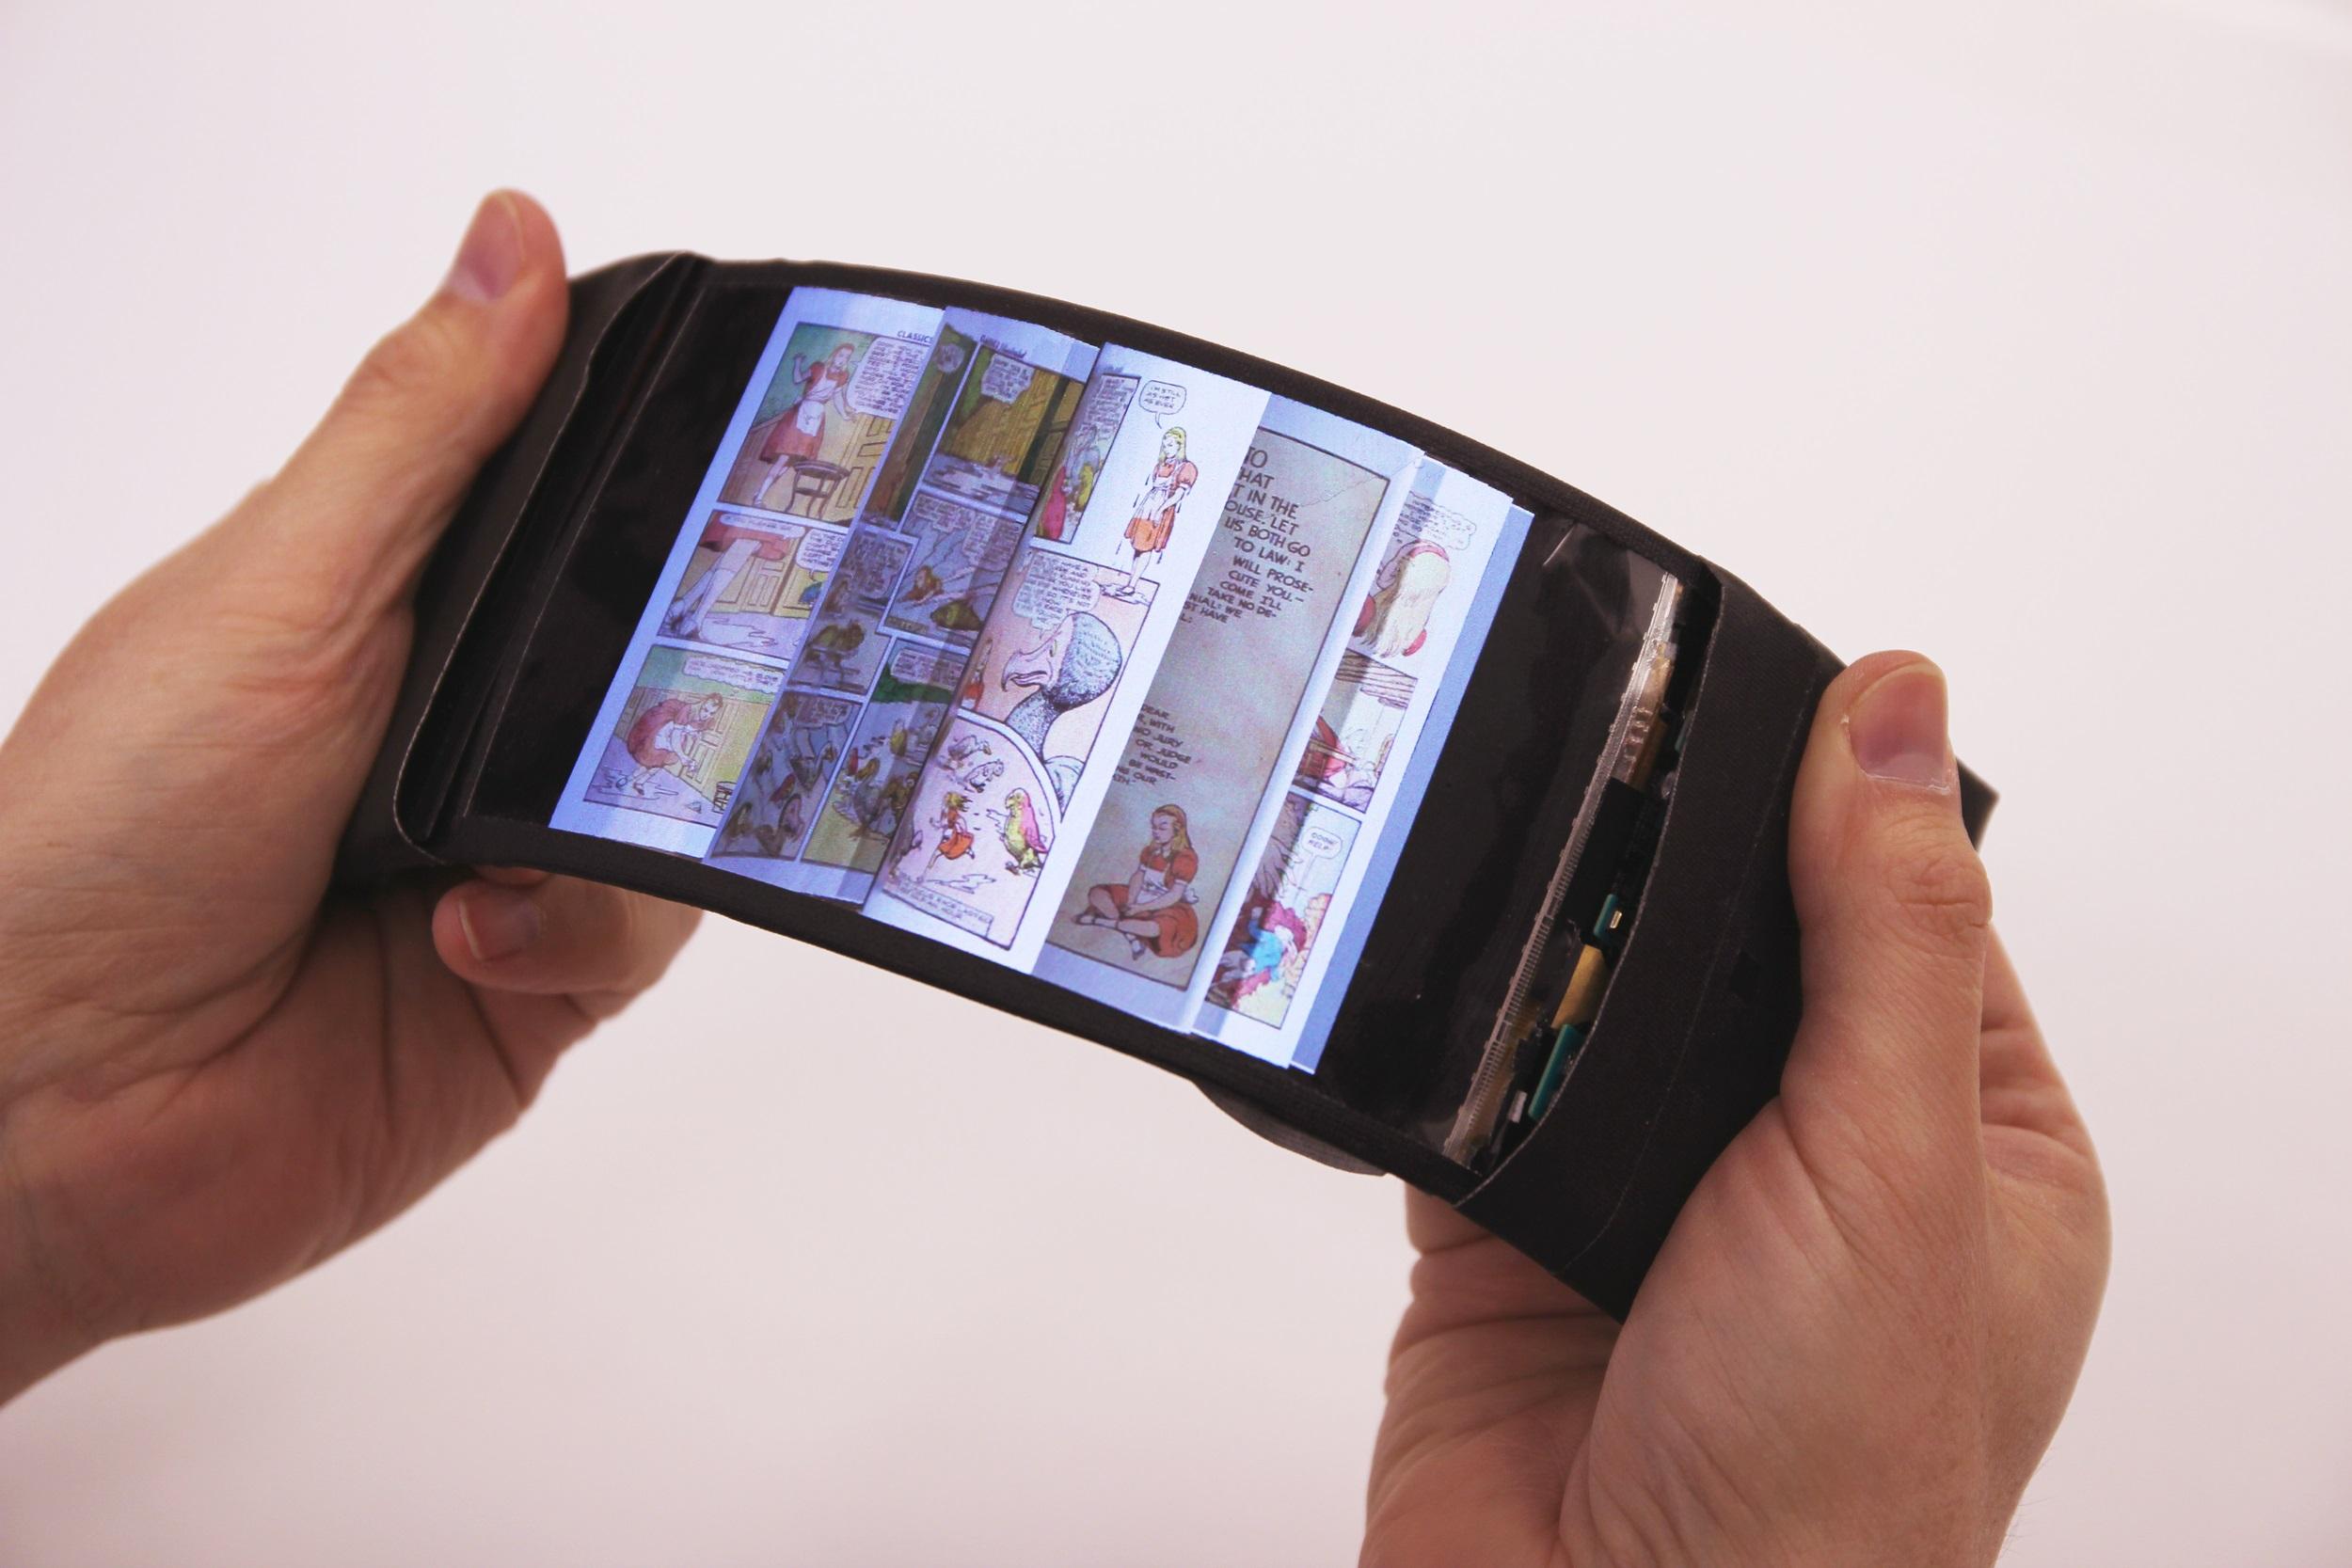 اولین موبایلهای منعطف در سال ۲۰۱۸ وارد تولید انبوه خواهند شد